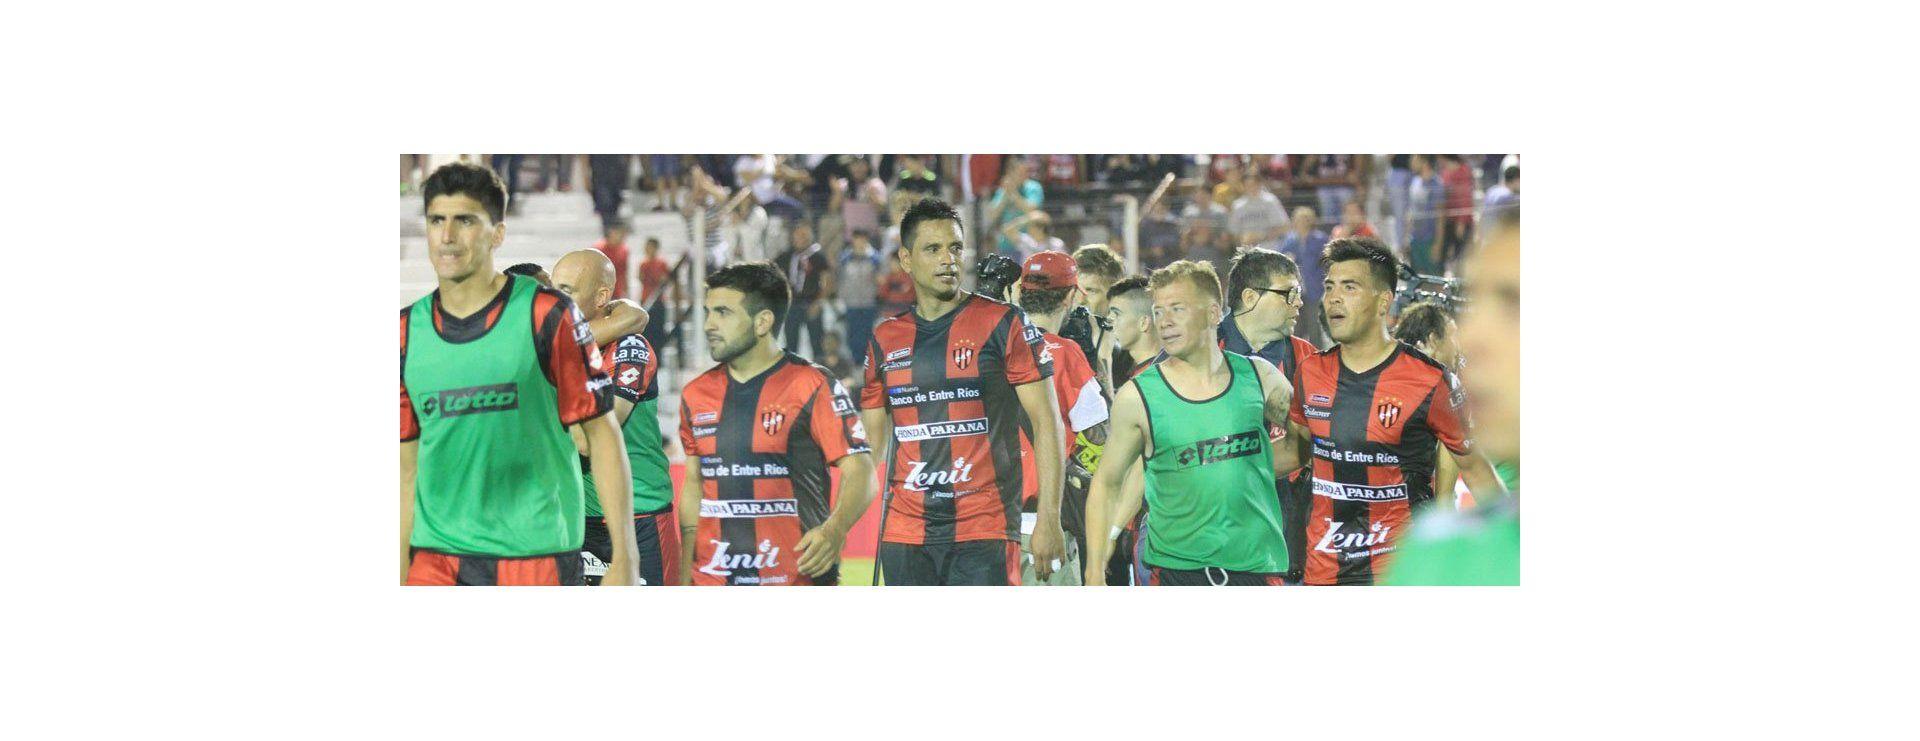 Todo el color del partido entre River Plate y Patronato en Paraná